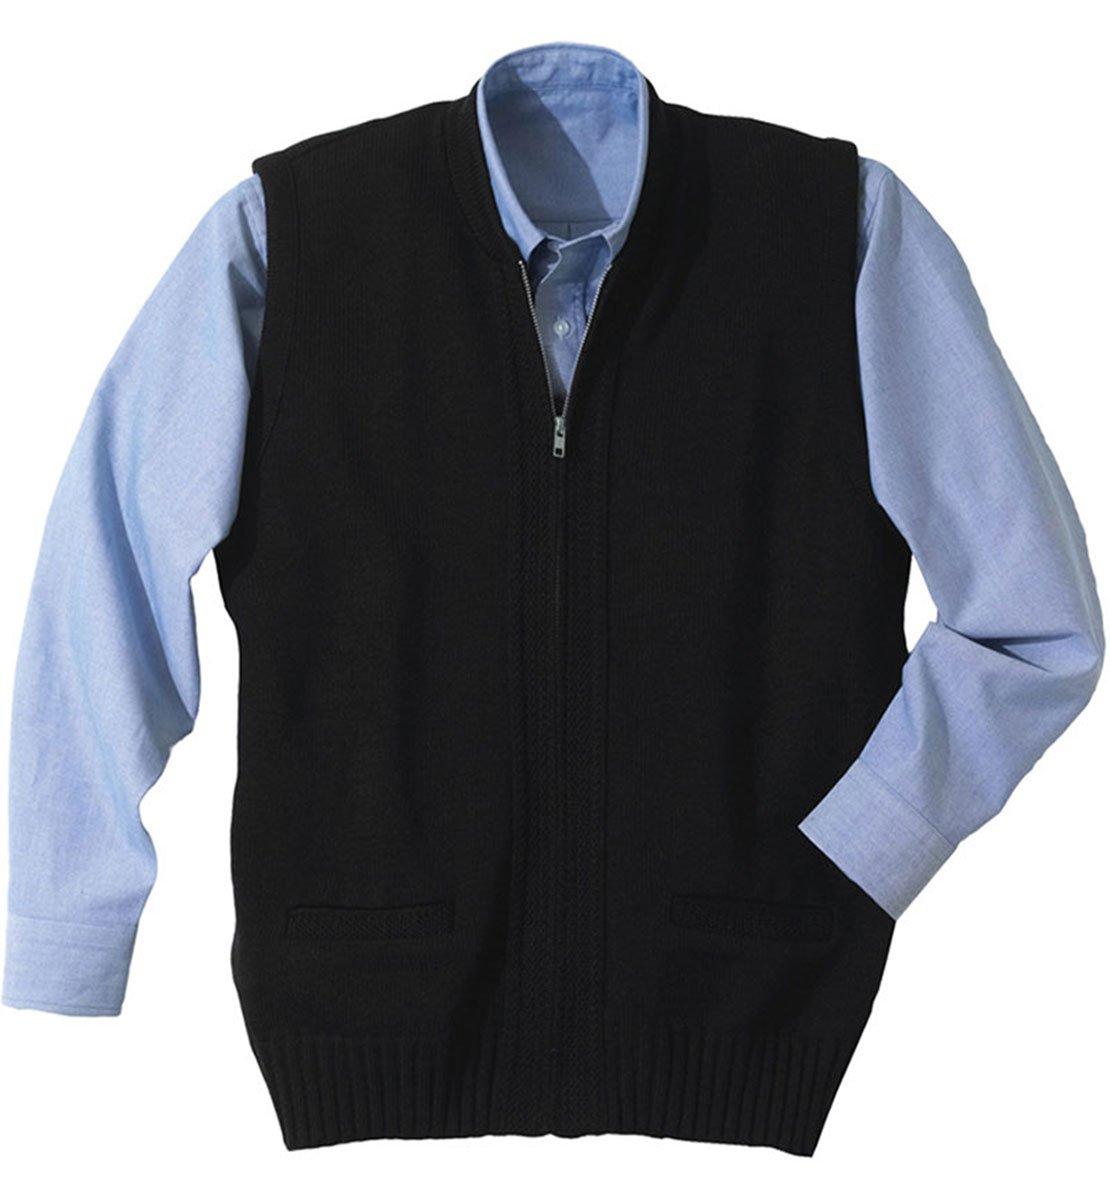 Ed Garments Men's Performance Crew Neck Cardigan Zip Vest , NAVY, L